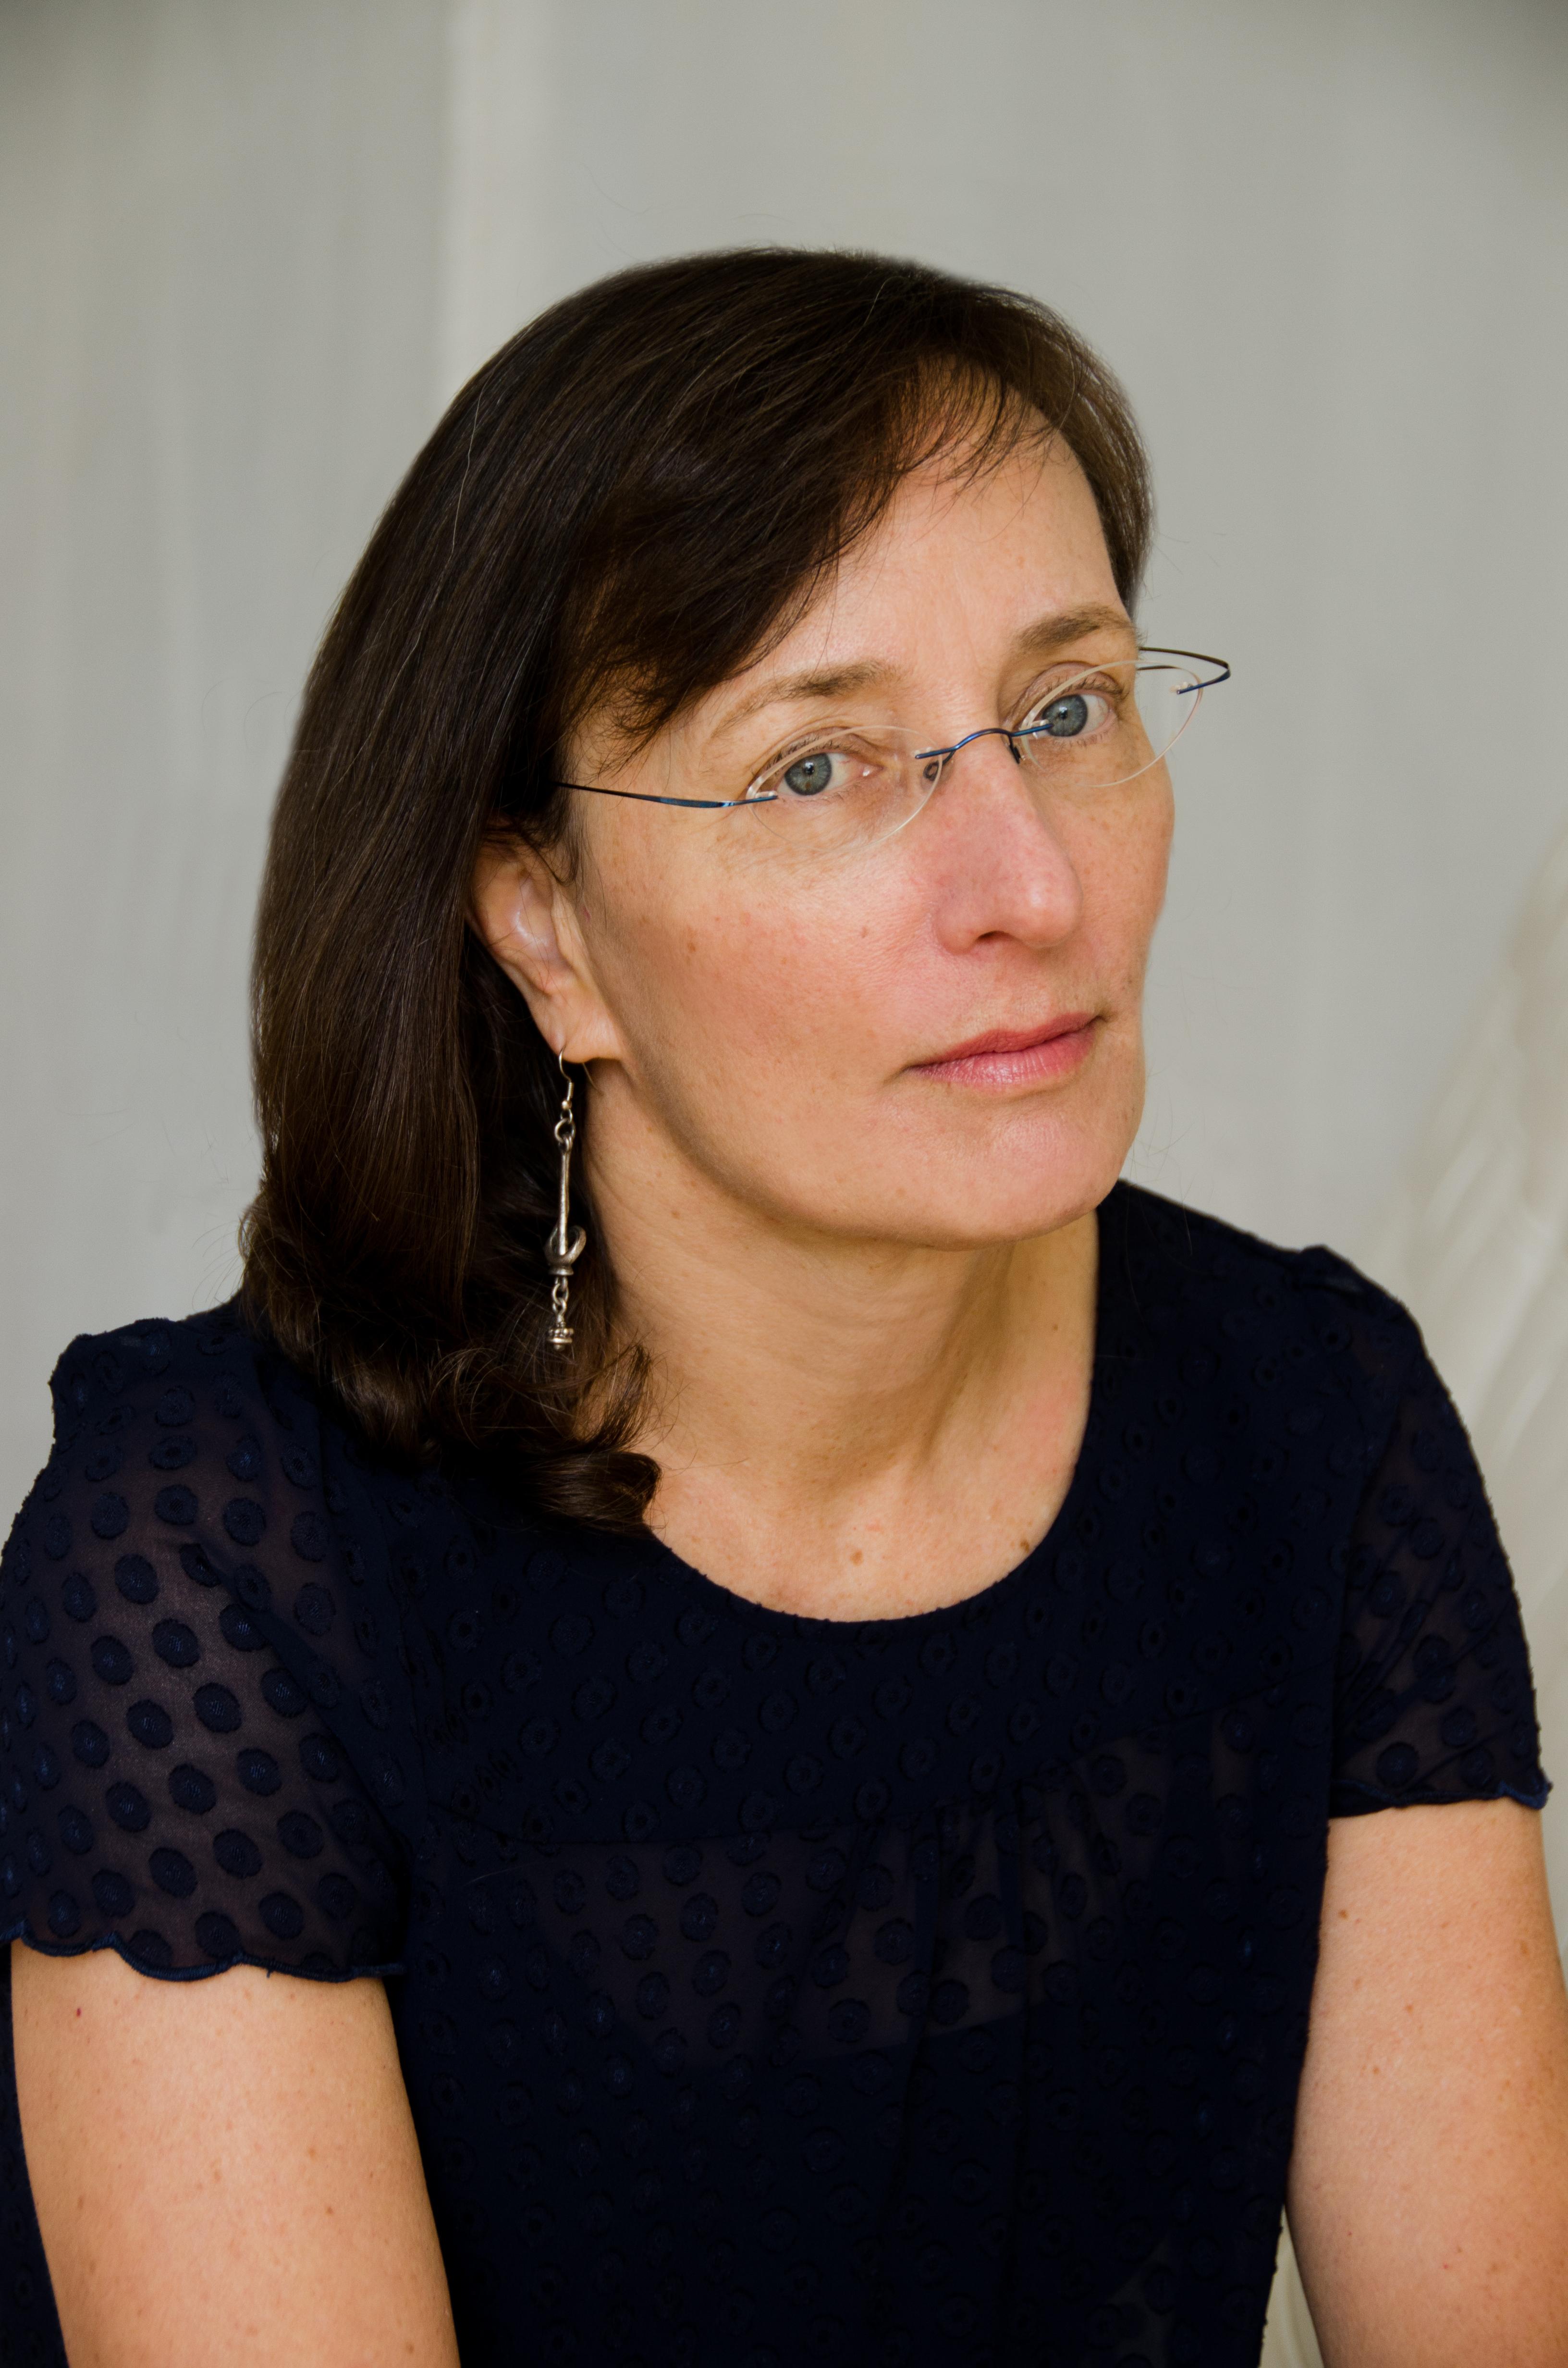 Snarky, Smart Novel Wins Big Prize for Julie Schumacher